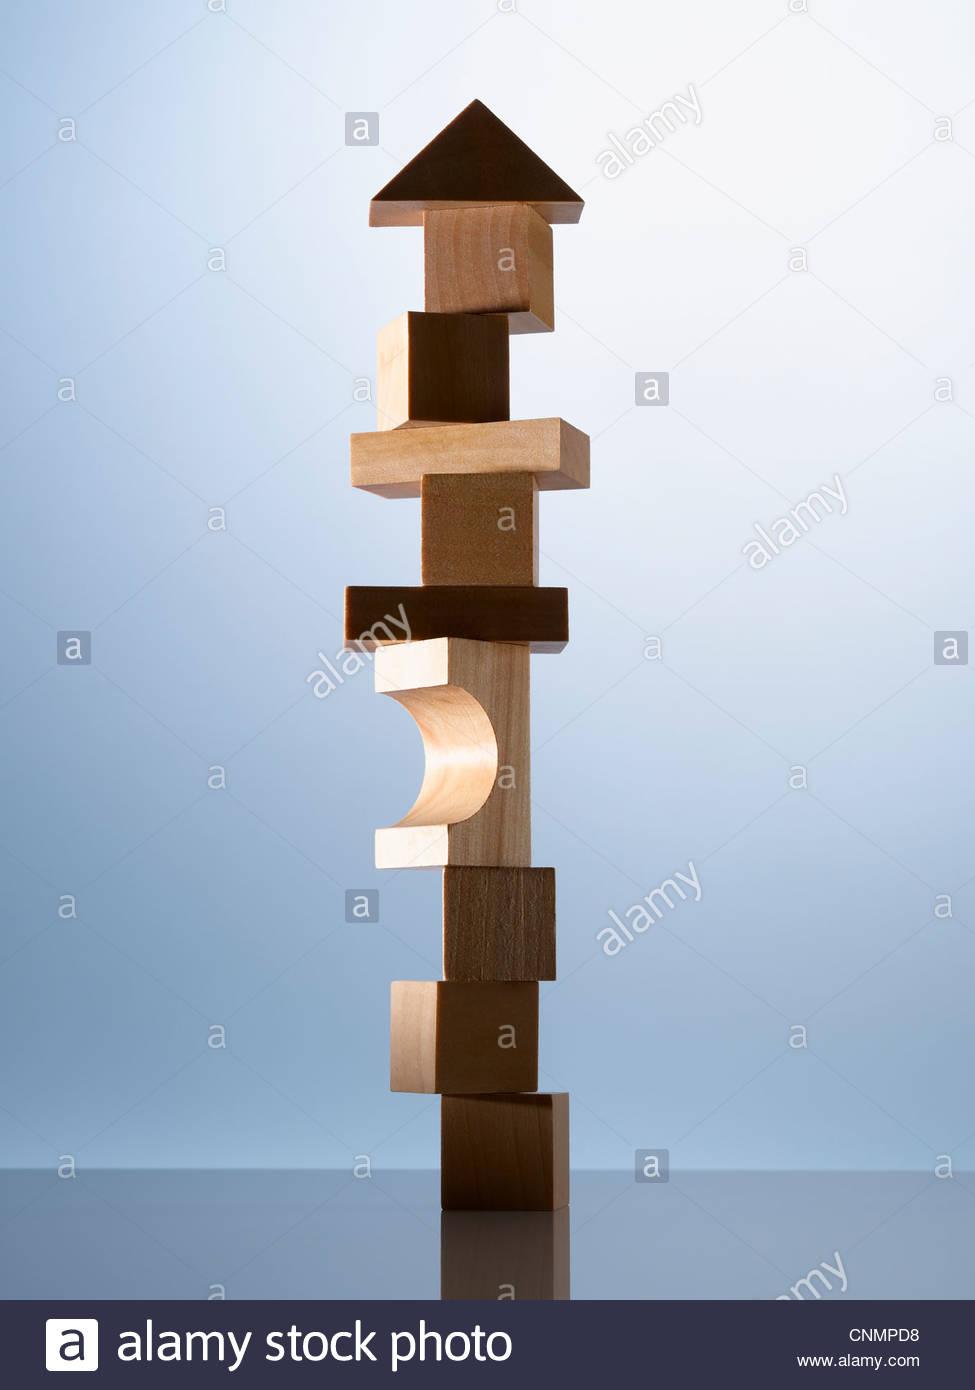 Pila de bloques de madera en una esquina de la mesa Imagen De Stock